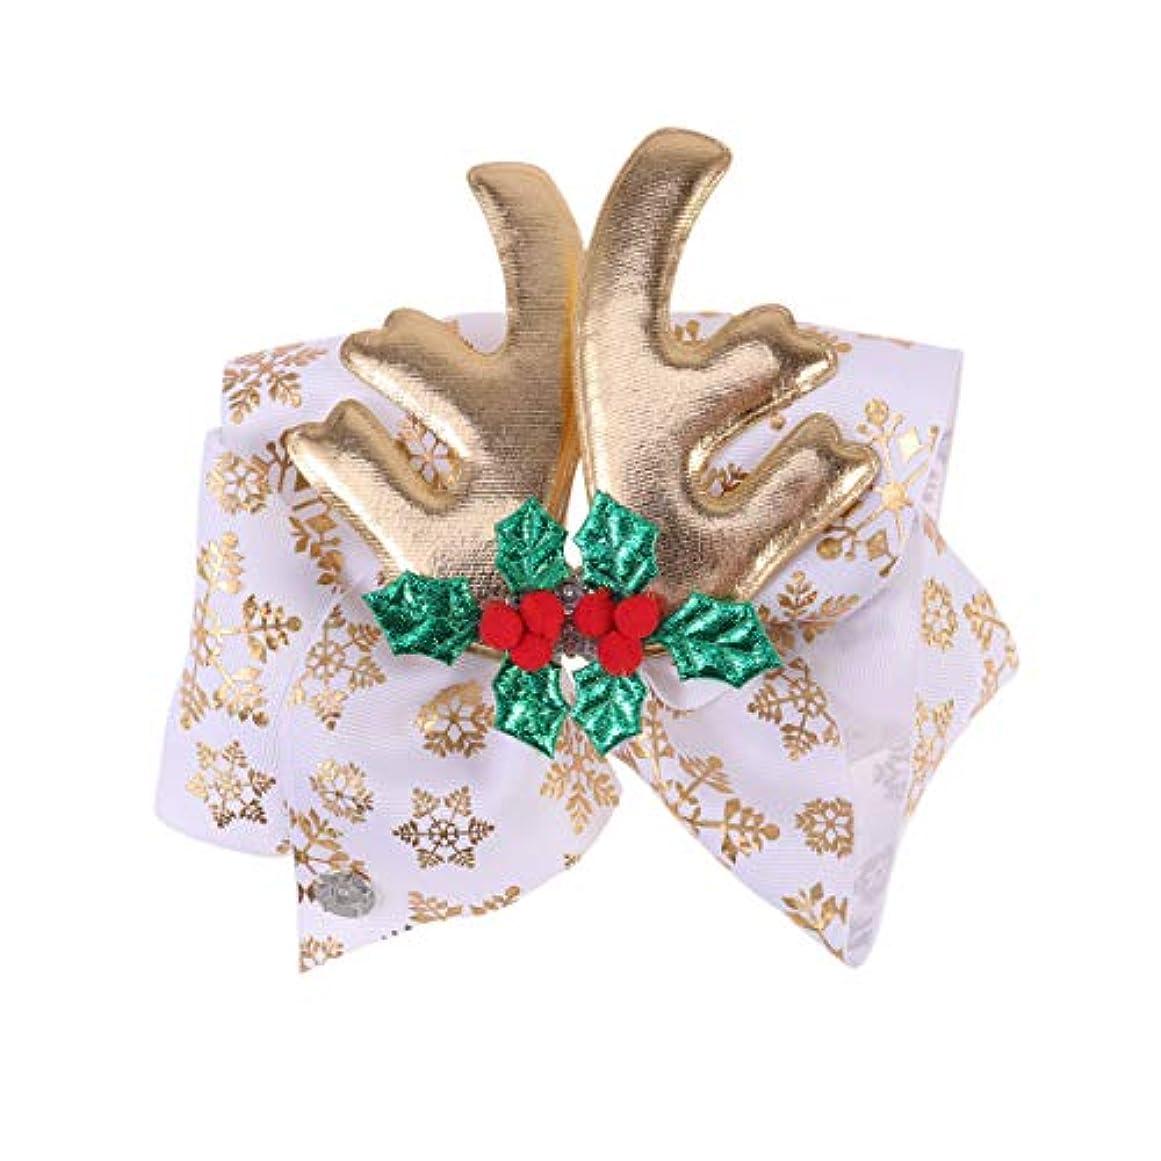 Lurrose クリスマスの弓のヘアクリップ枝角ヘアピンクリスマスの日の子供の子供のためのダイヤモンドヘアアクセサリー